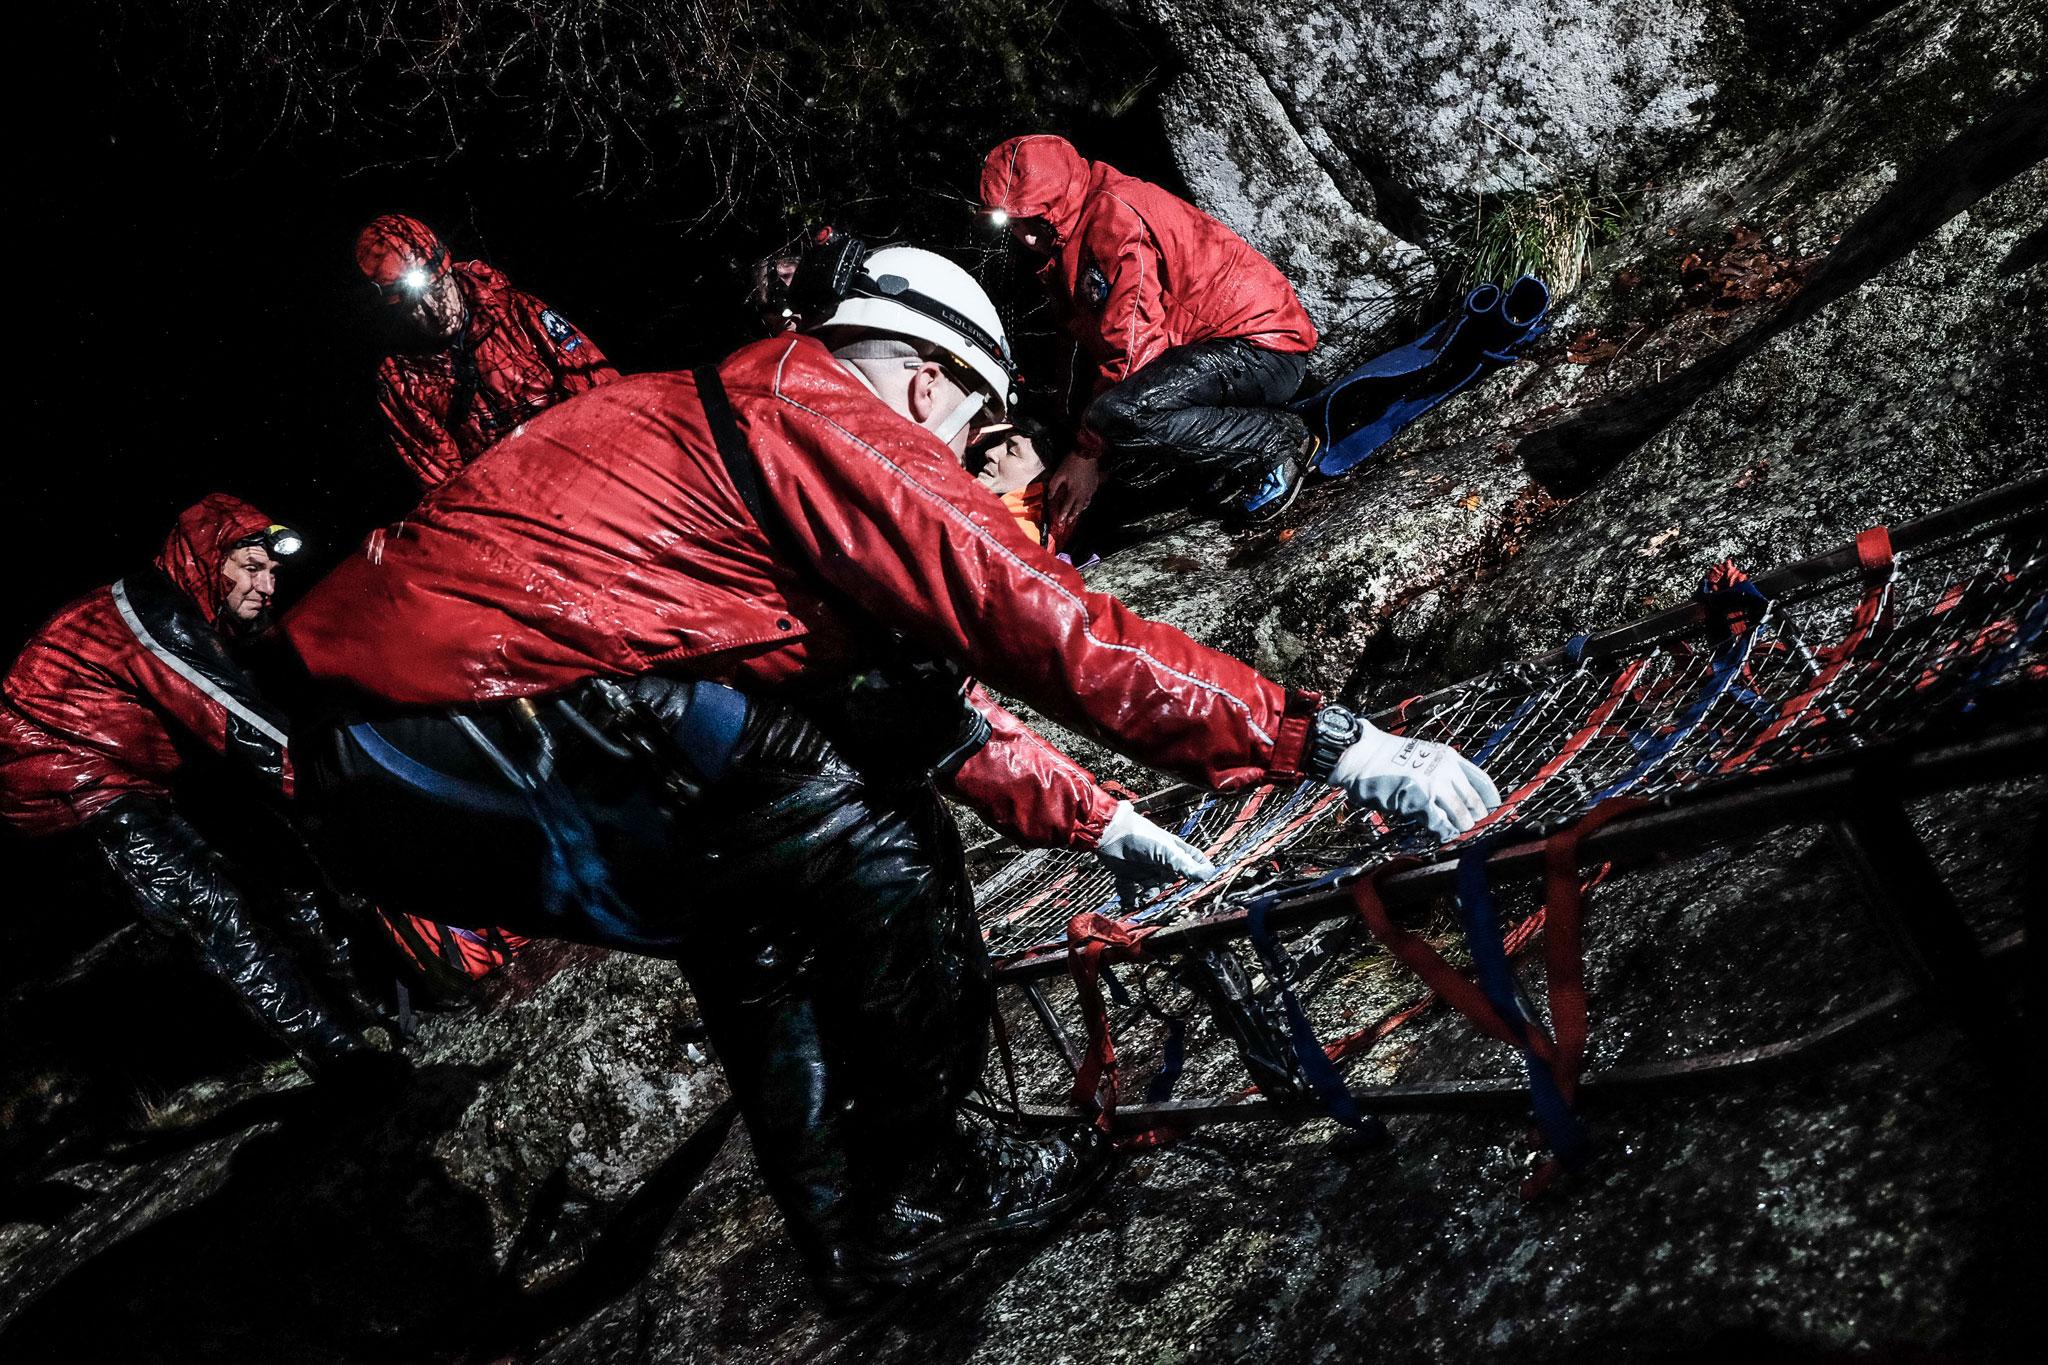 Dartmoor Search and Rescue